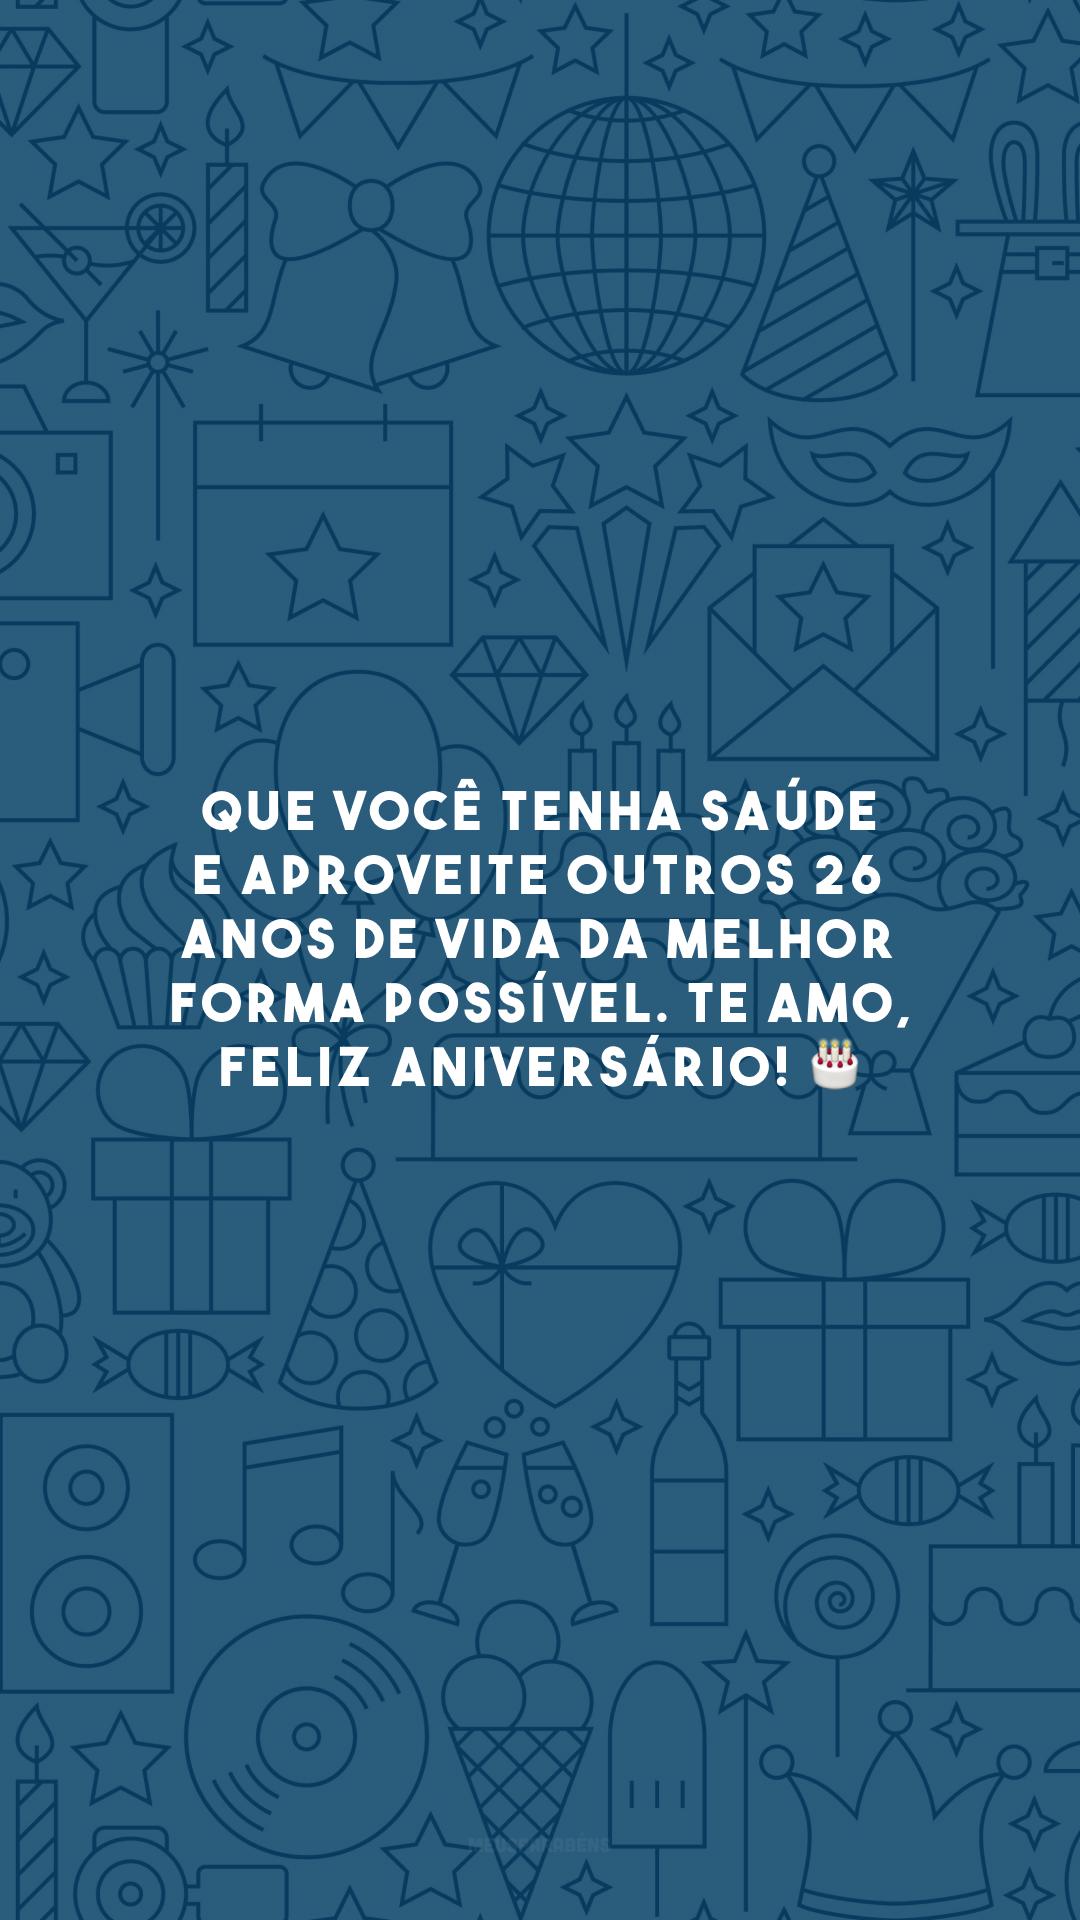 Que você tenha saúde e aproveite outros 26 anos de vida da melhor forma possível. Te amo, feliz aniversário! 🎂